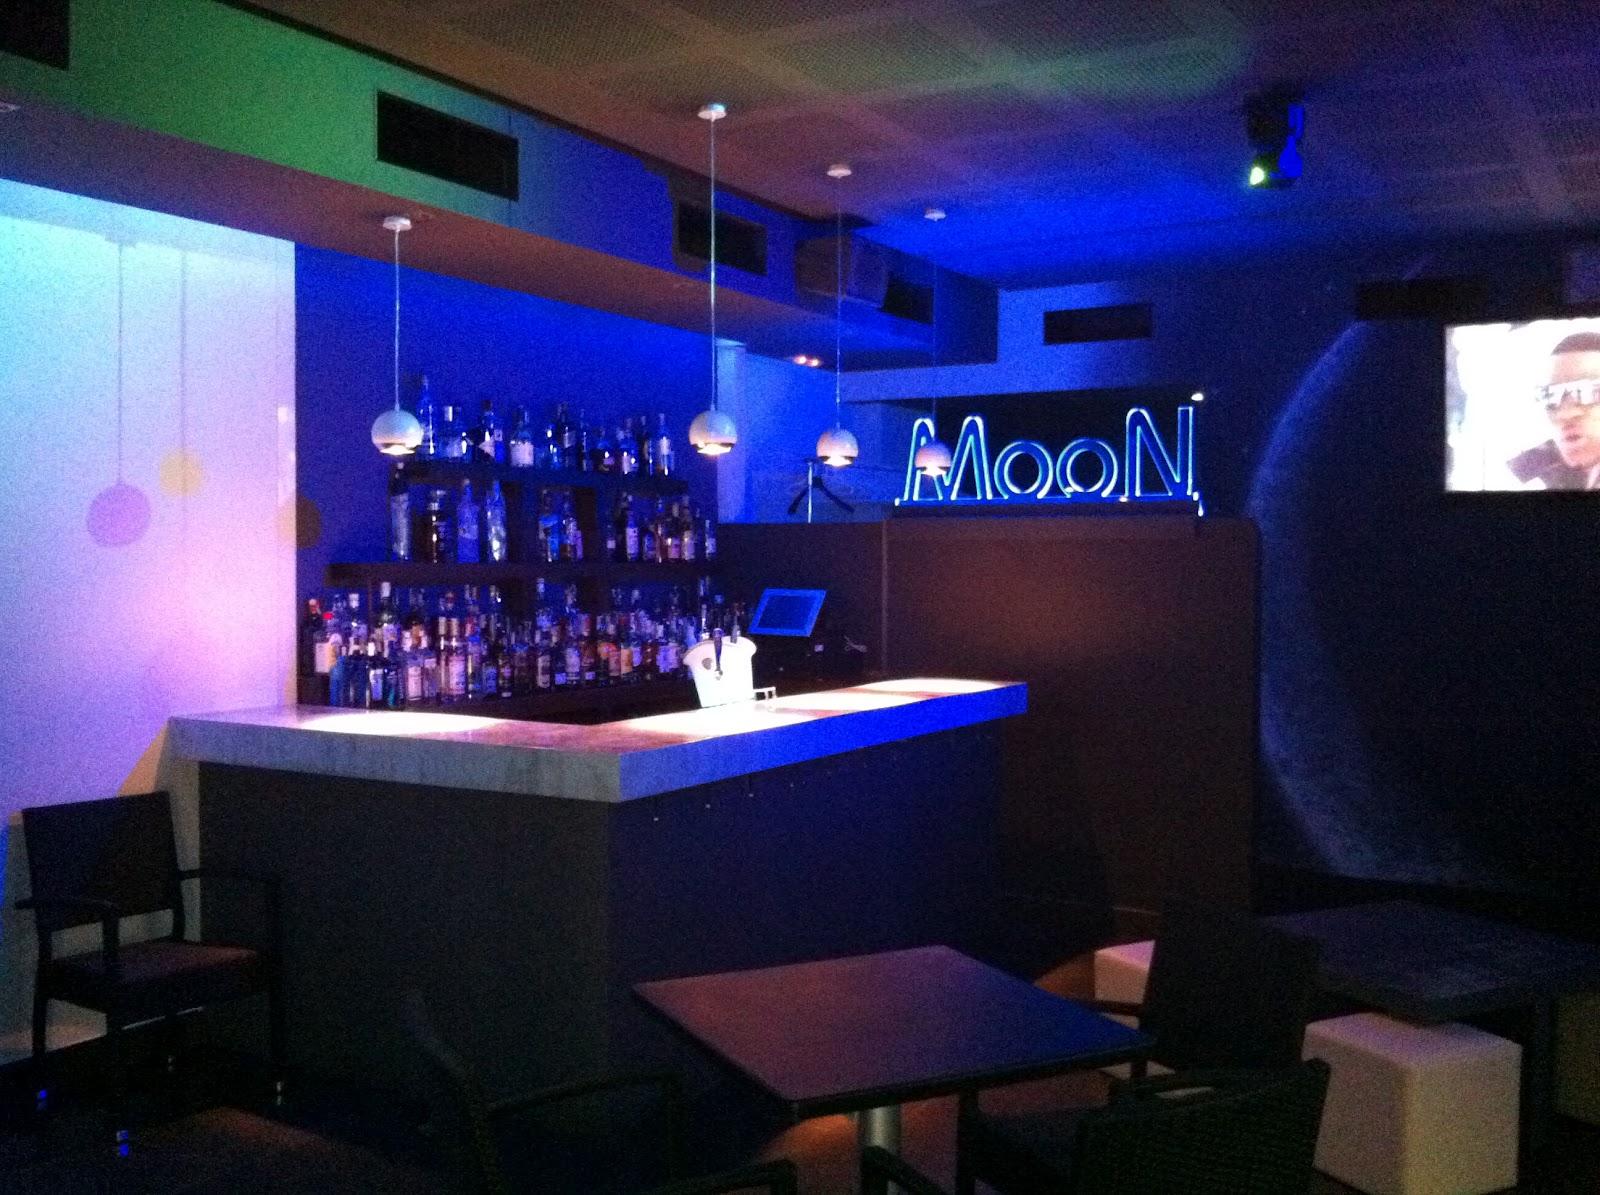 Helike art decoraci n cafe moon - Decoracion de pub ...